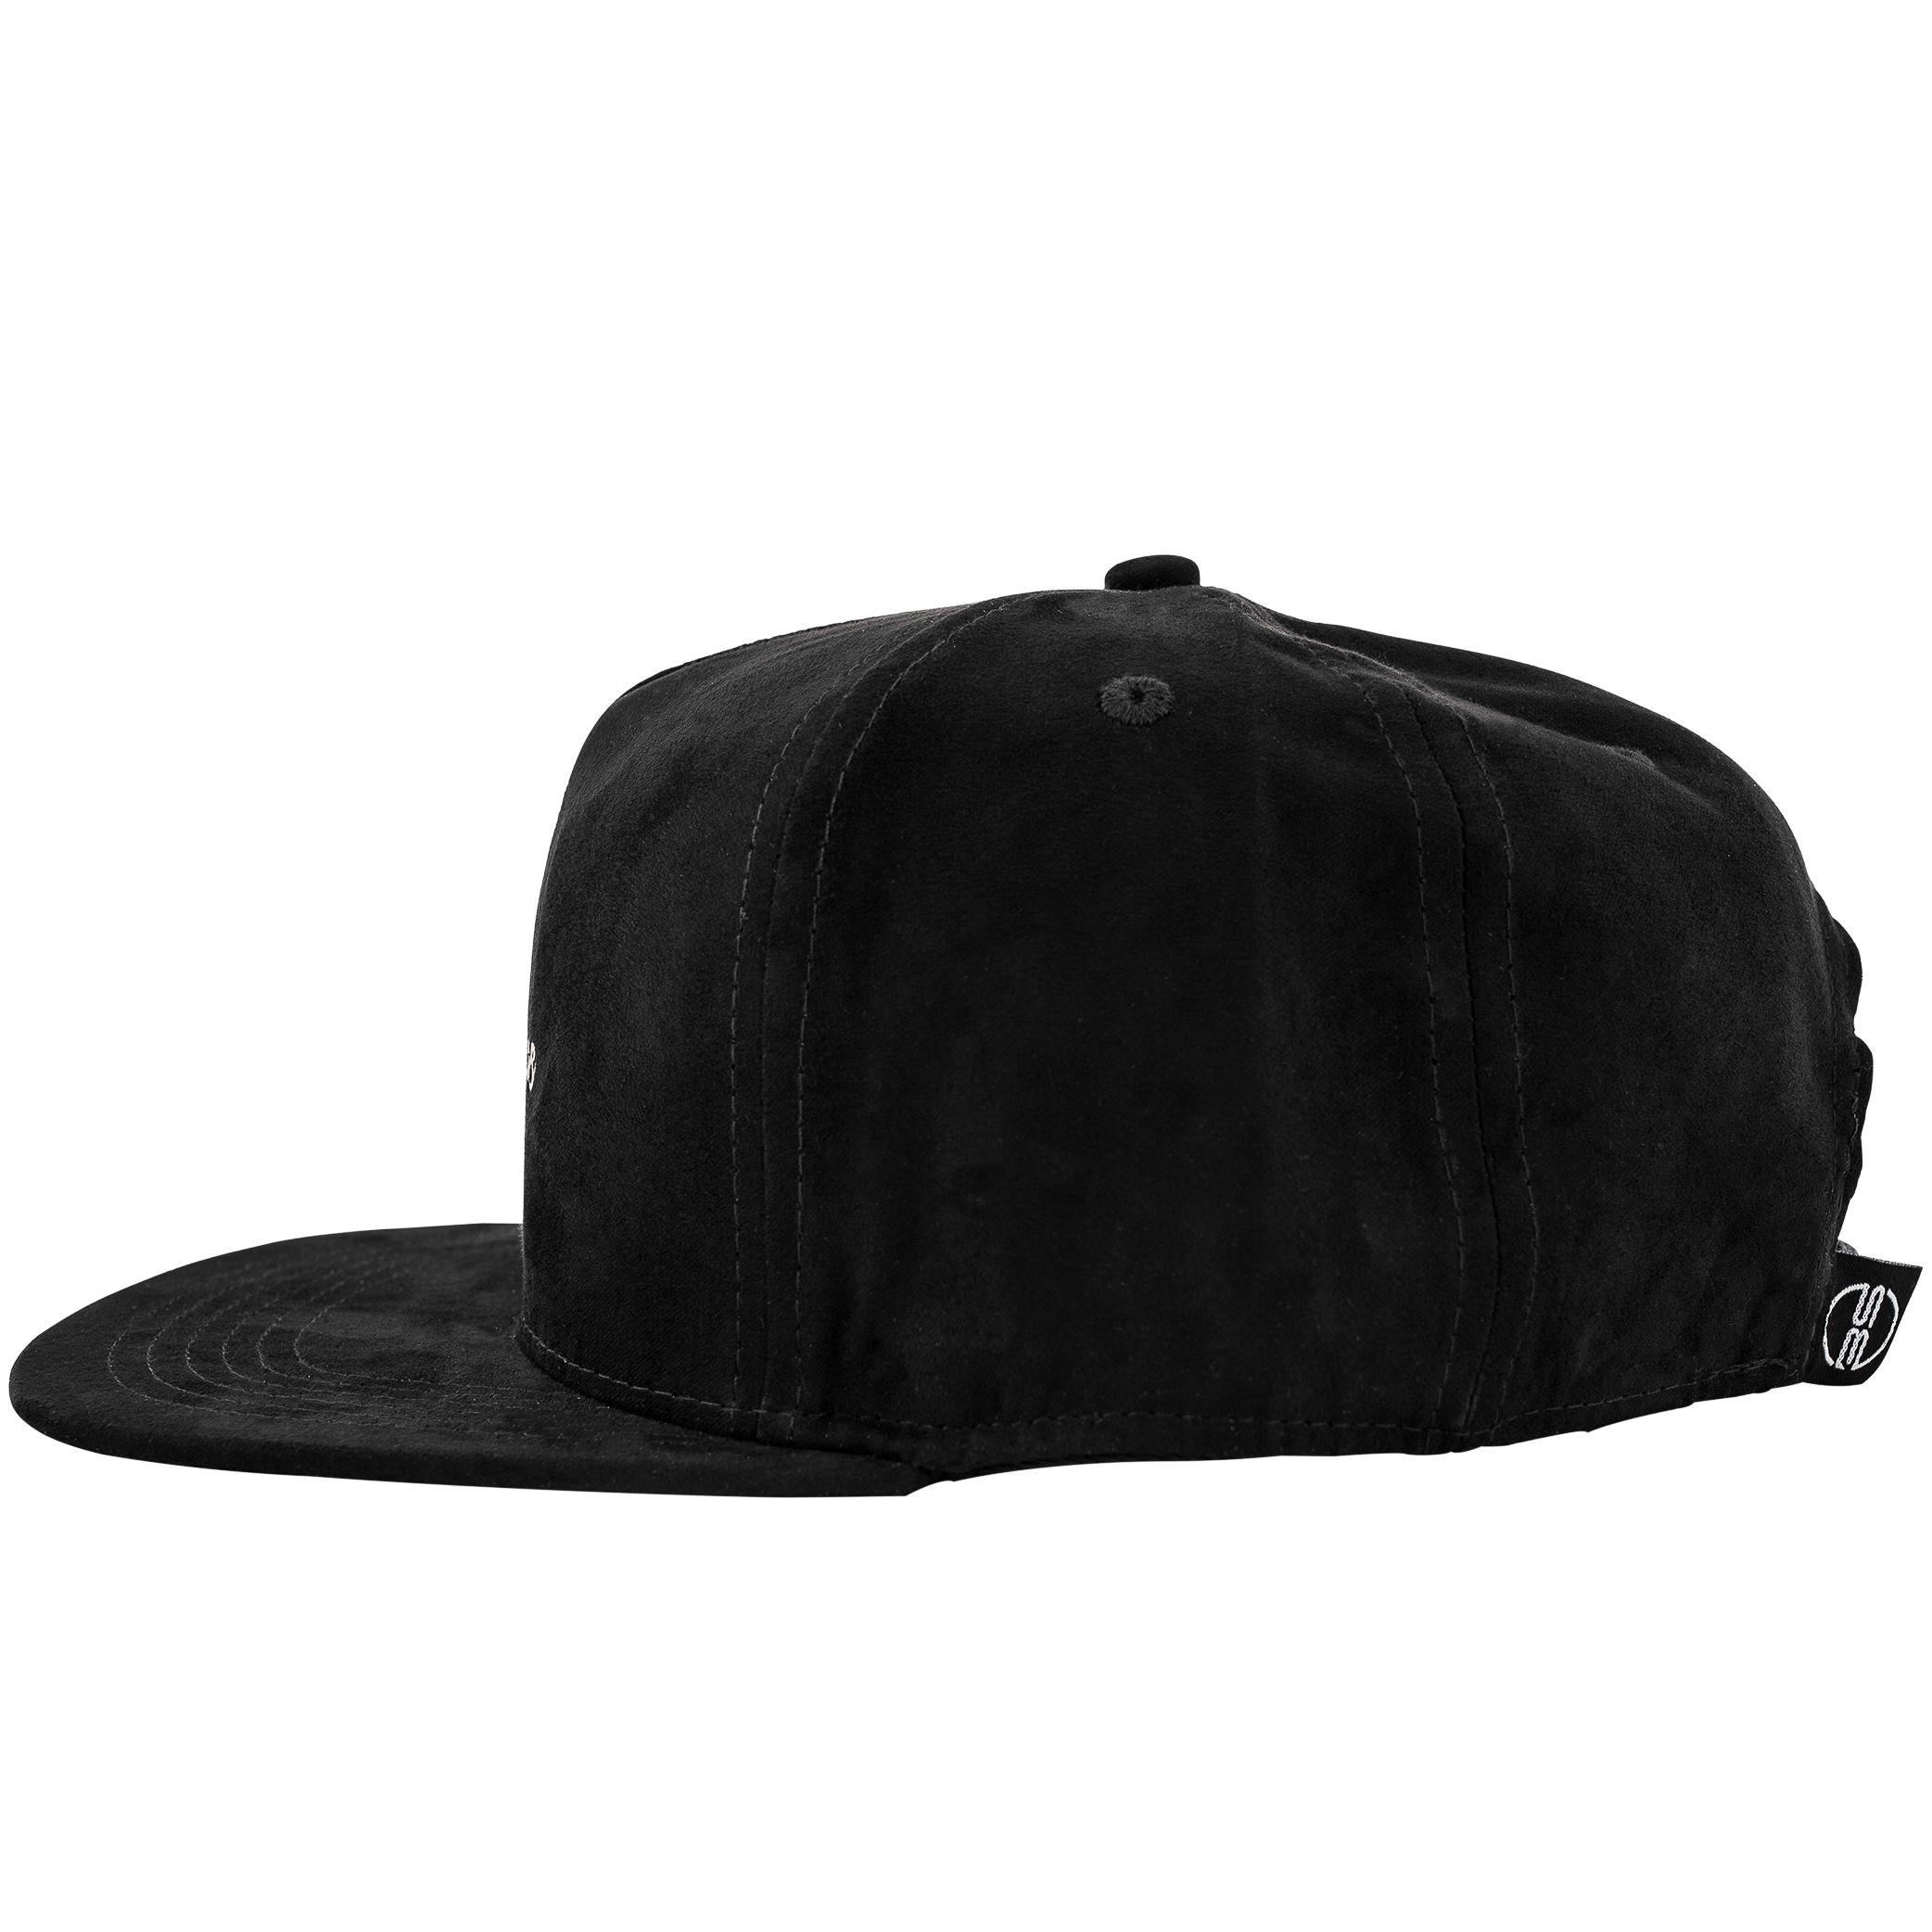 Aegis Snapback Cap - Black-Suede